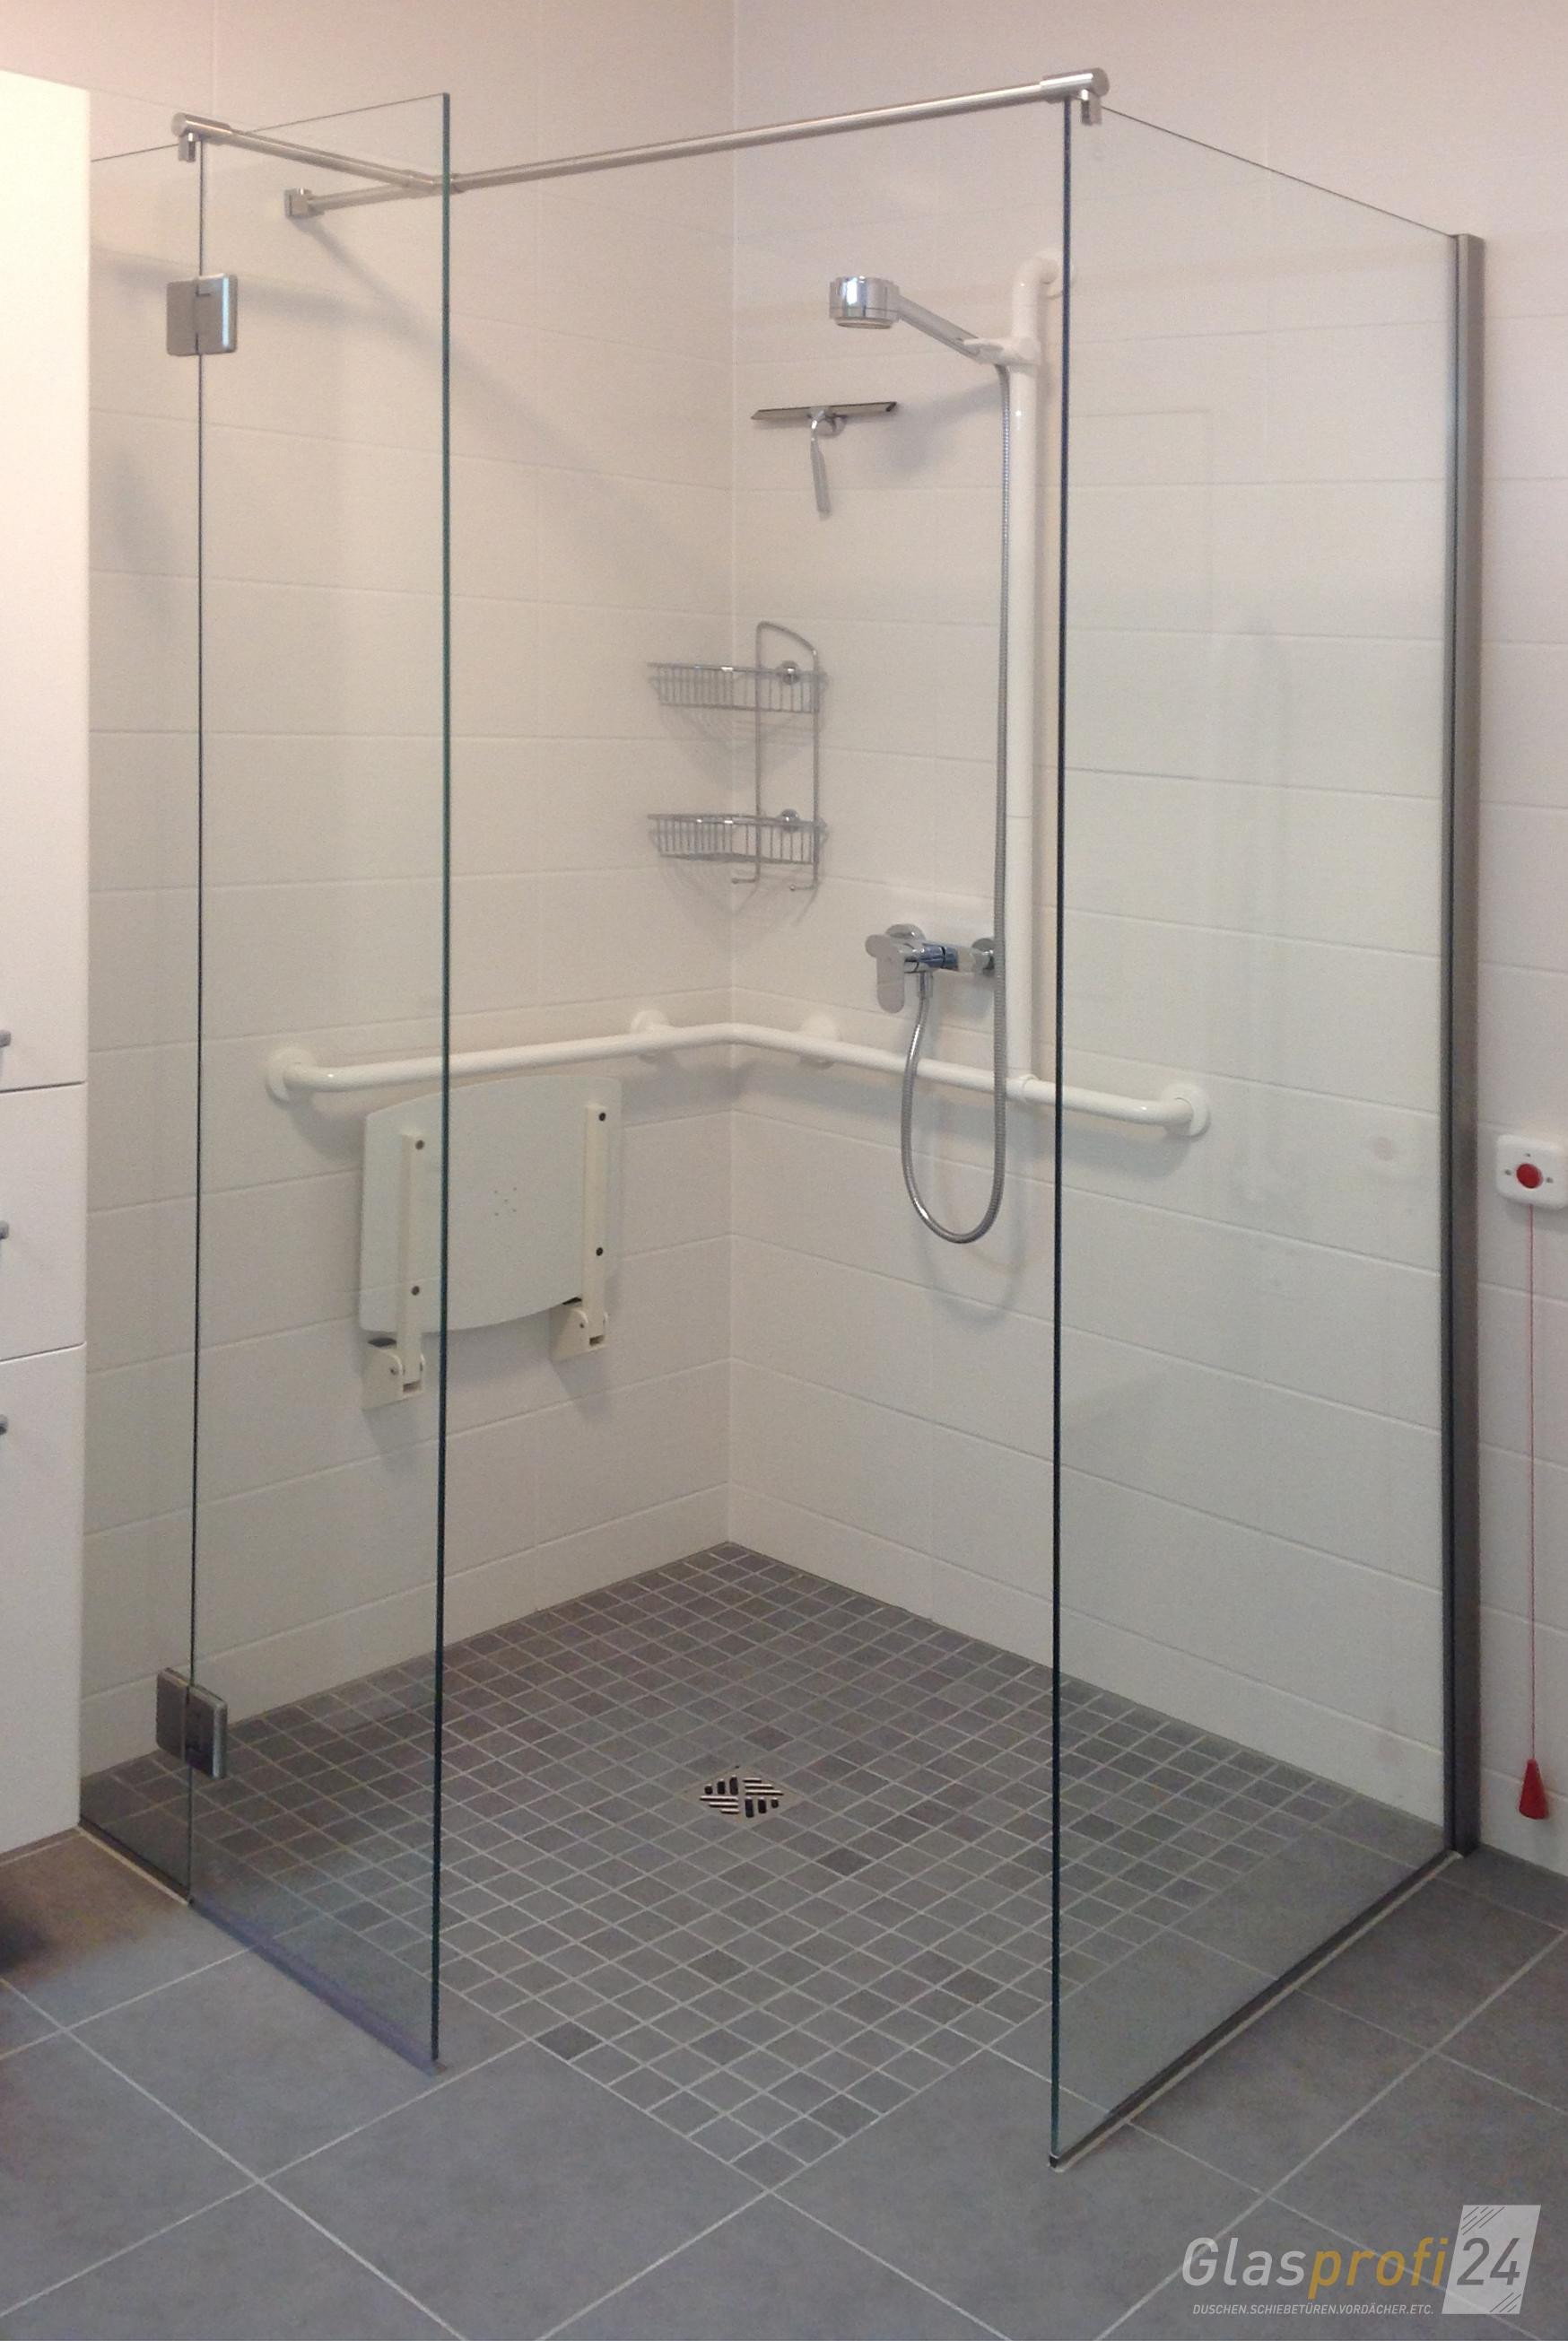 Ebenerdige Dusche  Ebenerdige Dusche bauen aus Glas